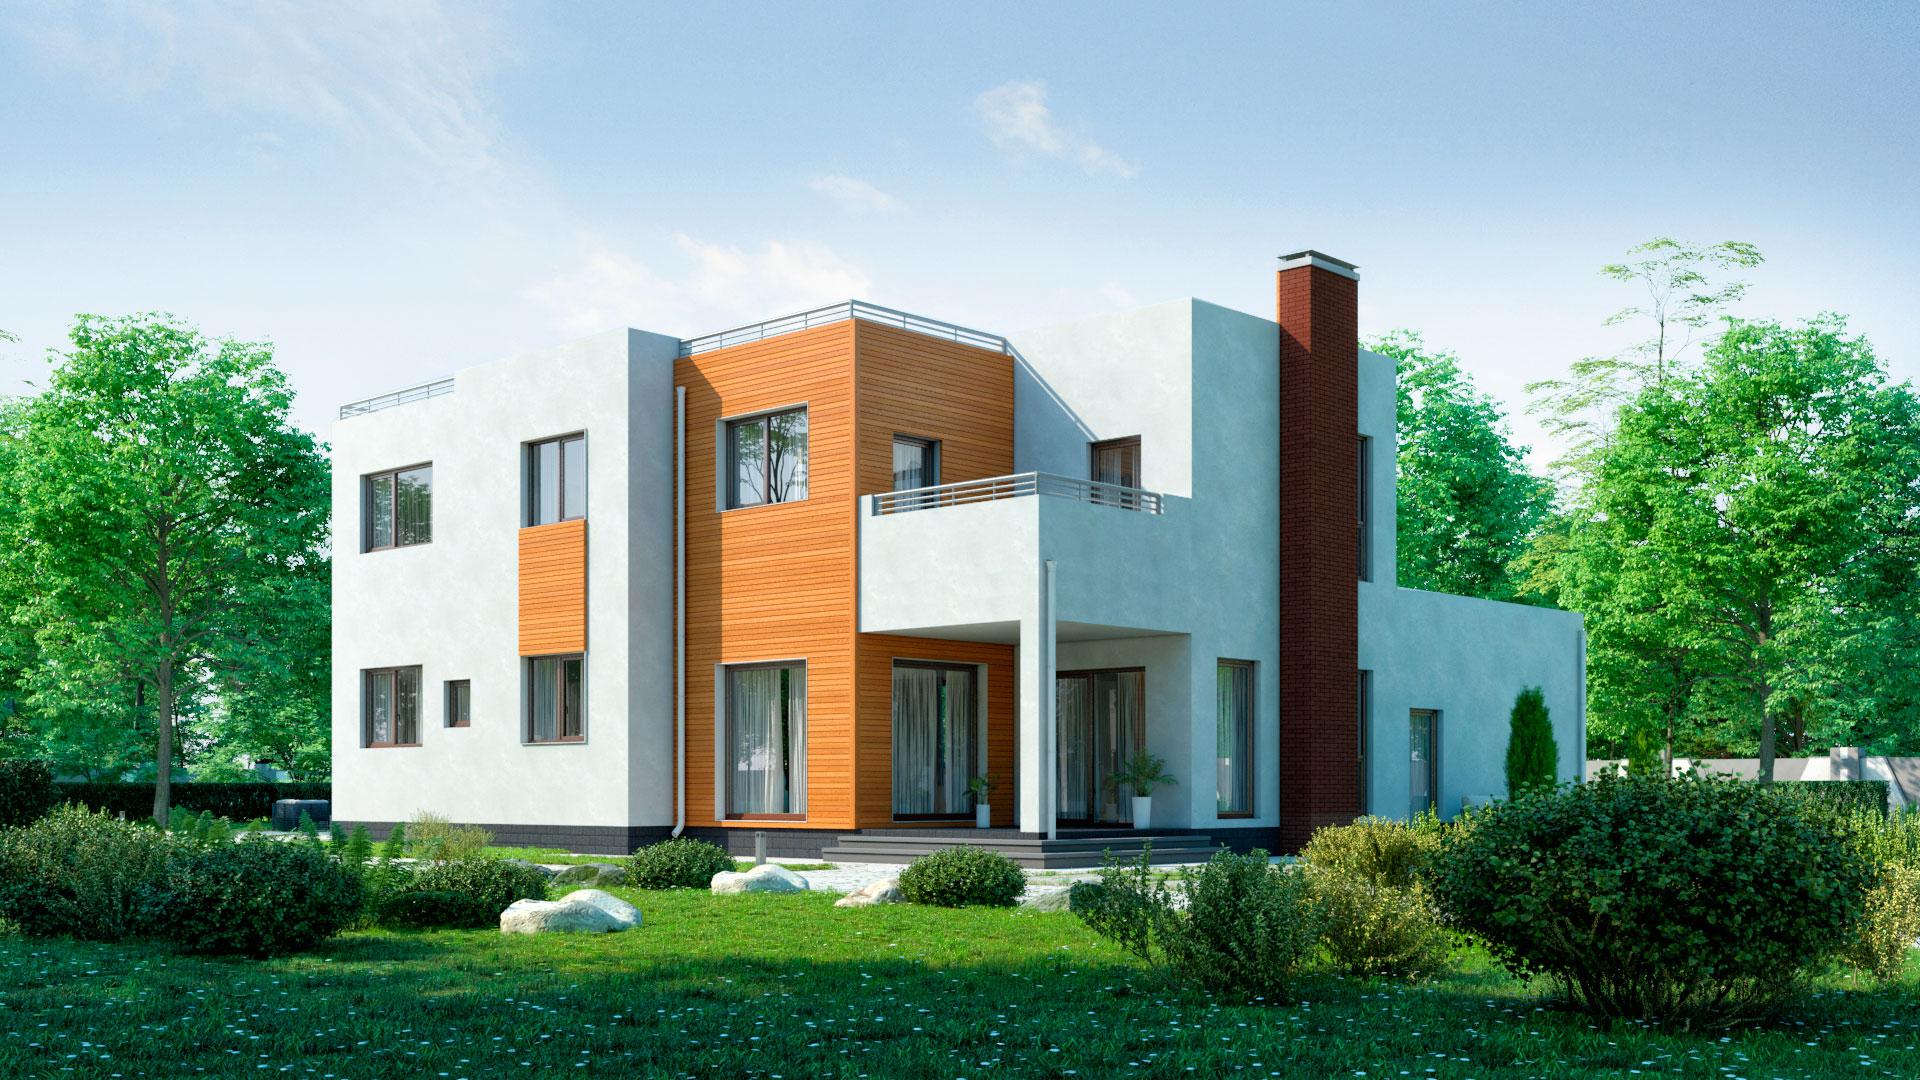 Задний фасад двухэтажного дома 15 на 15, проект БЭНПАН БП-289.